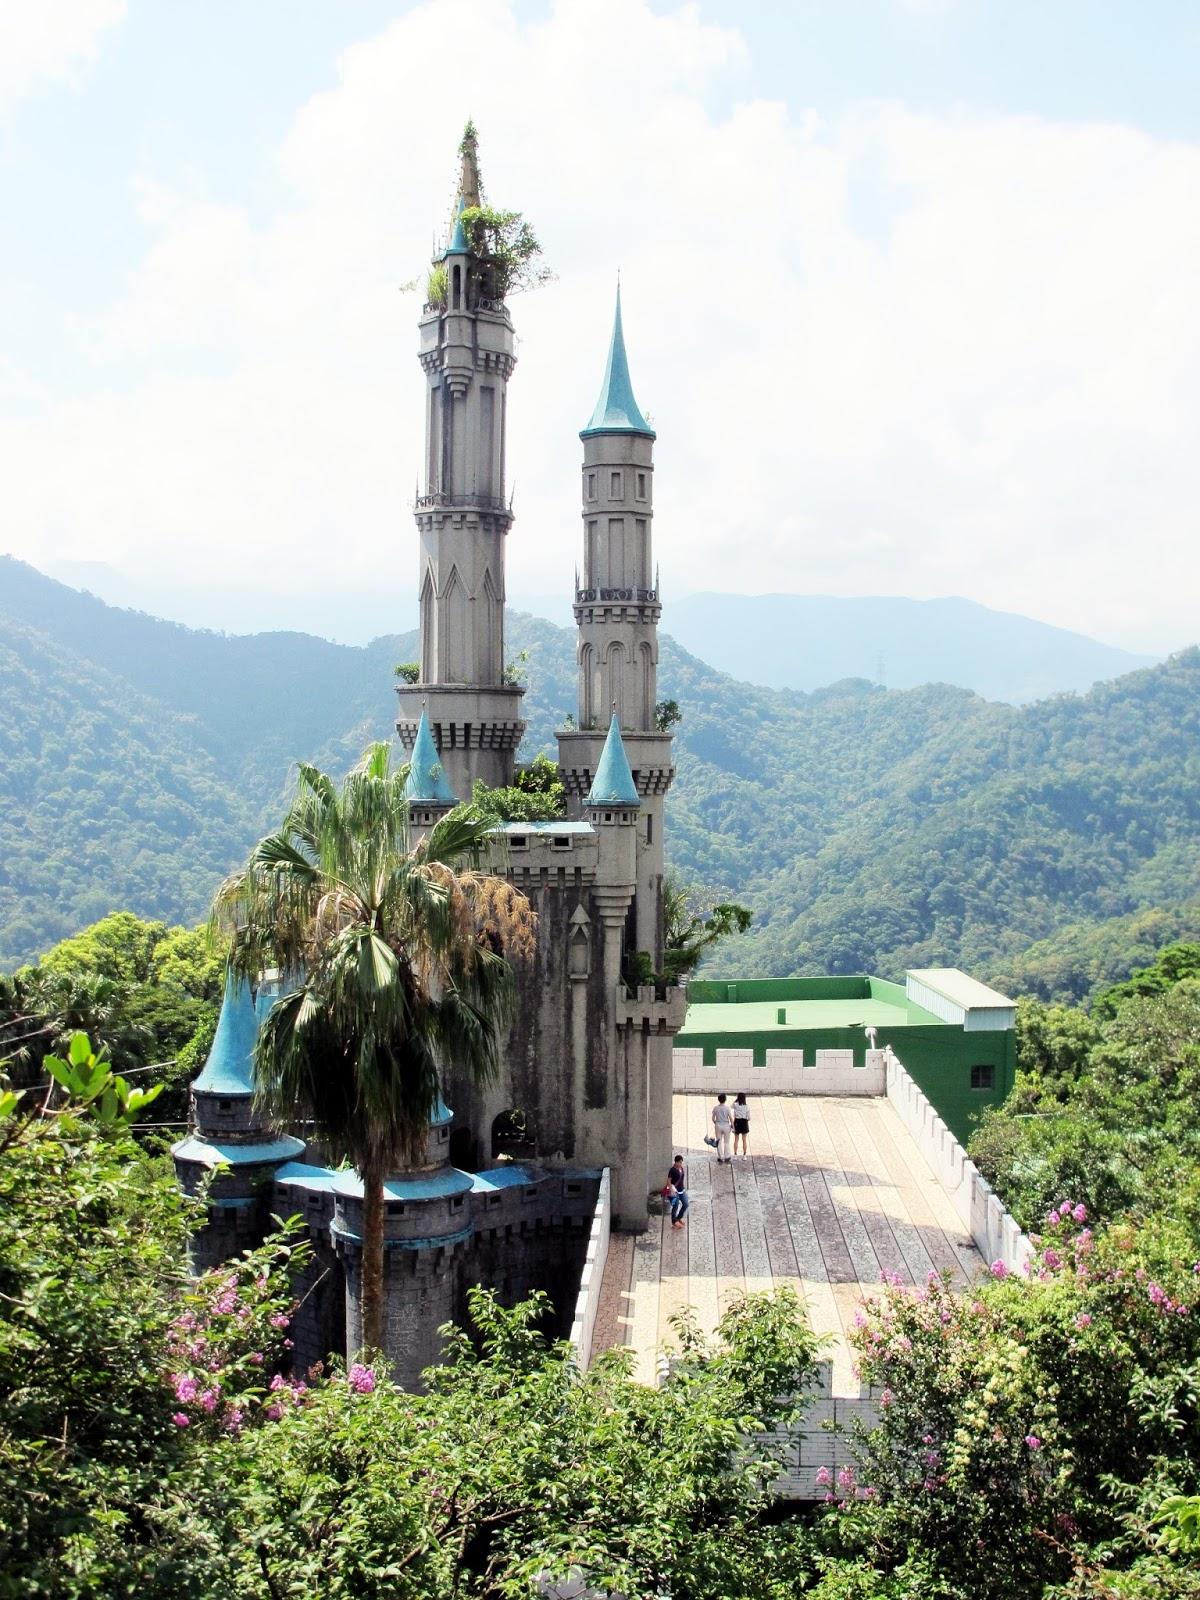 【新竹關西廢墟童話世界】佛陀世界~迪士尼睡美人城堡夢幻景點 - 輕旅行